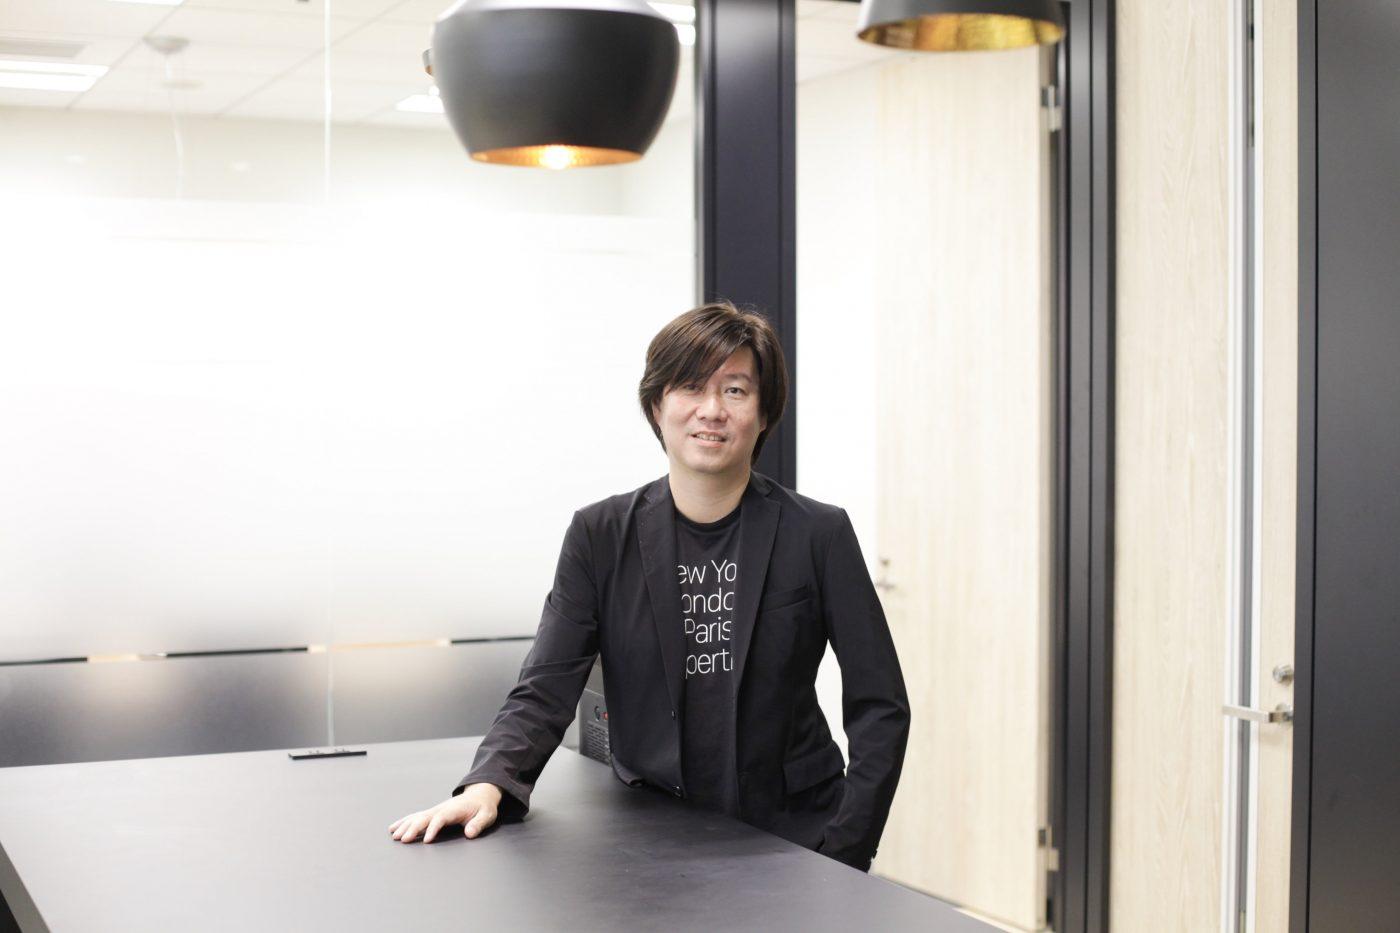 松本真尚 WiL ジェネラルパートナー スタートアップに飛び込まない理由はない。オープンイノベーションの可能性